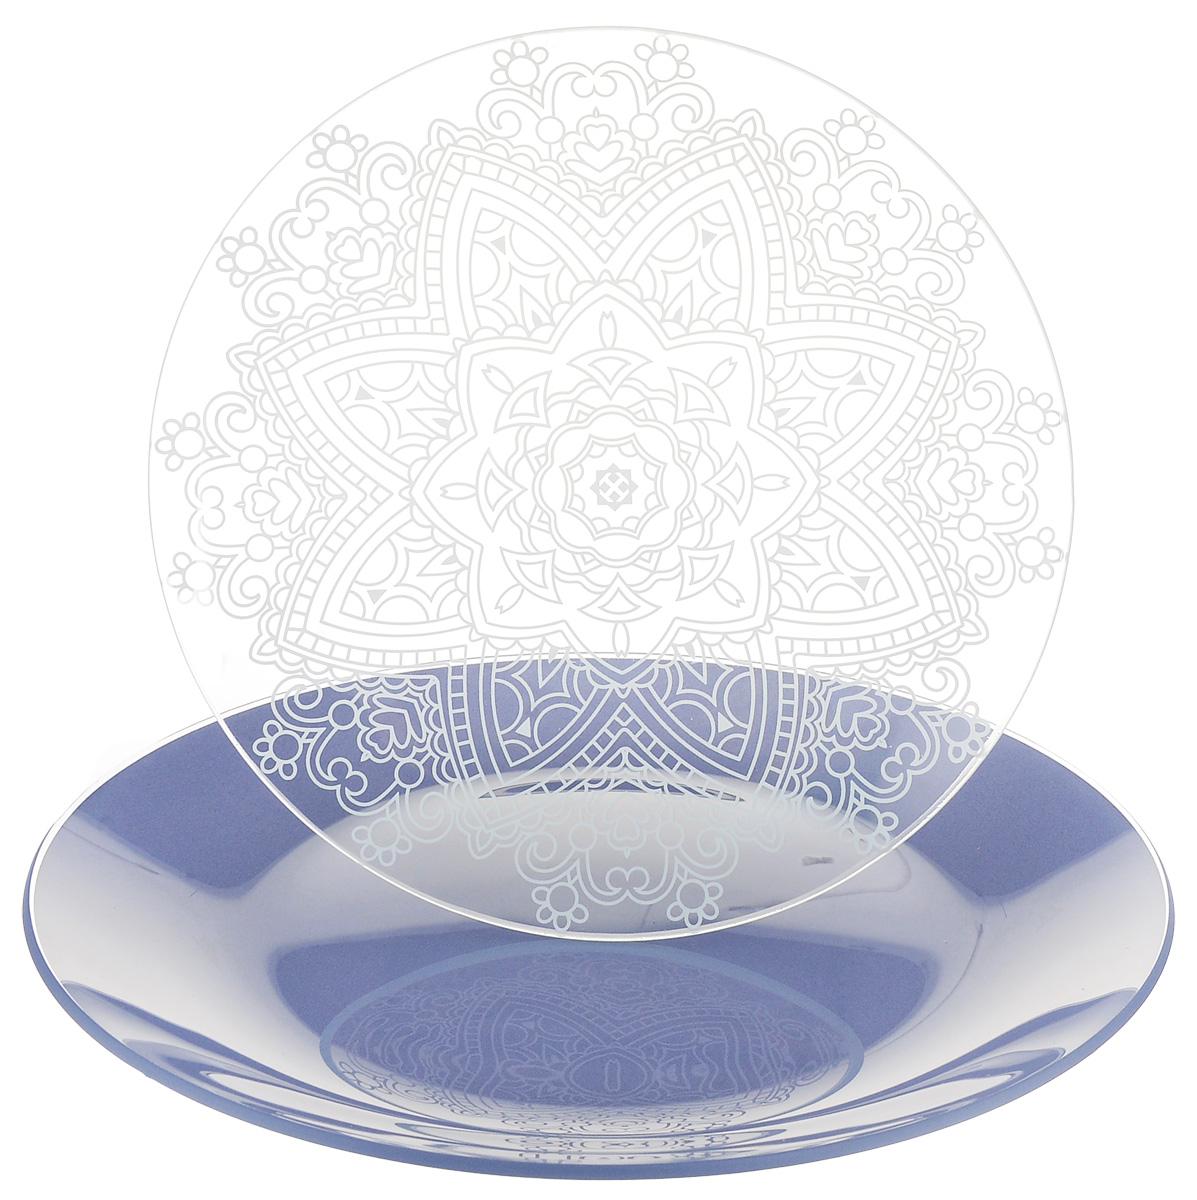 Набор тарелок NiNaGlass, цвет: голубой, диаметр 20 см, 2 шт. 85-200-148пс85-200-148псНабор тарелок NiNaGlass Кружево и Палитра выполнена из высококачественного стекла, декорирована под Вологодское кружево и подстановочная тарелка яркий насыщенный цвет. Набор идеален для подачи горячих блюд, сервировки праздничного стола, нарезок, салатов, овощей и фруктов. Он отлично подойдет как для повседневных, так и для торжественных случаев. Такой набор прекрасно впишется в интерьер вашей кухни и станет достойным дополнением к кухонному инвентарю.